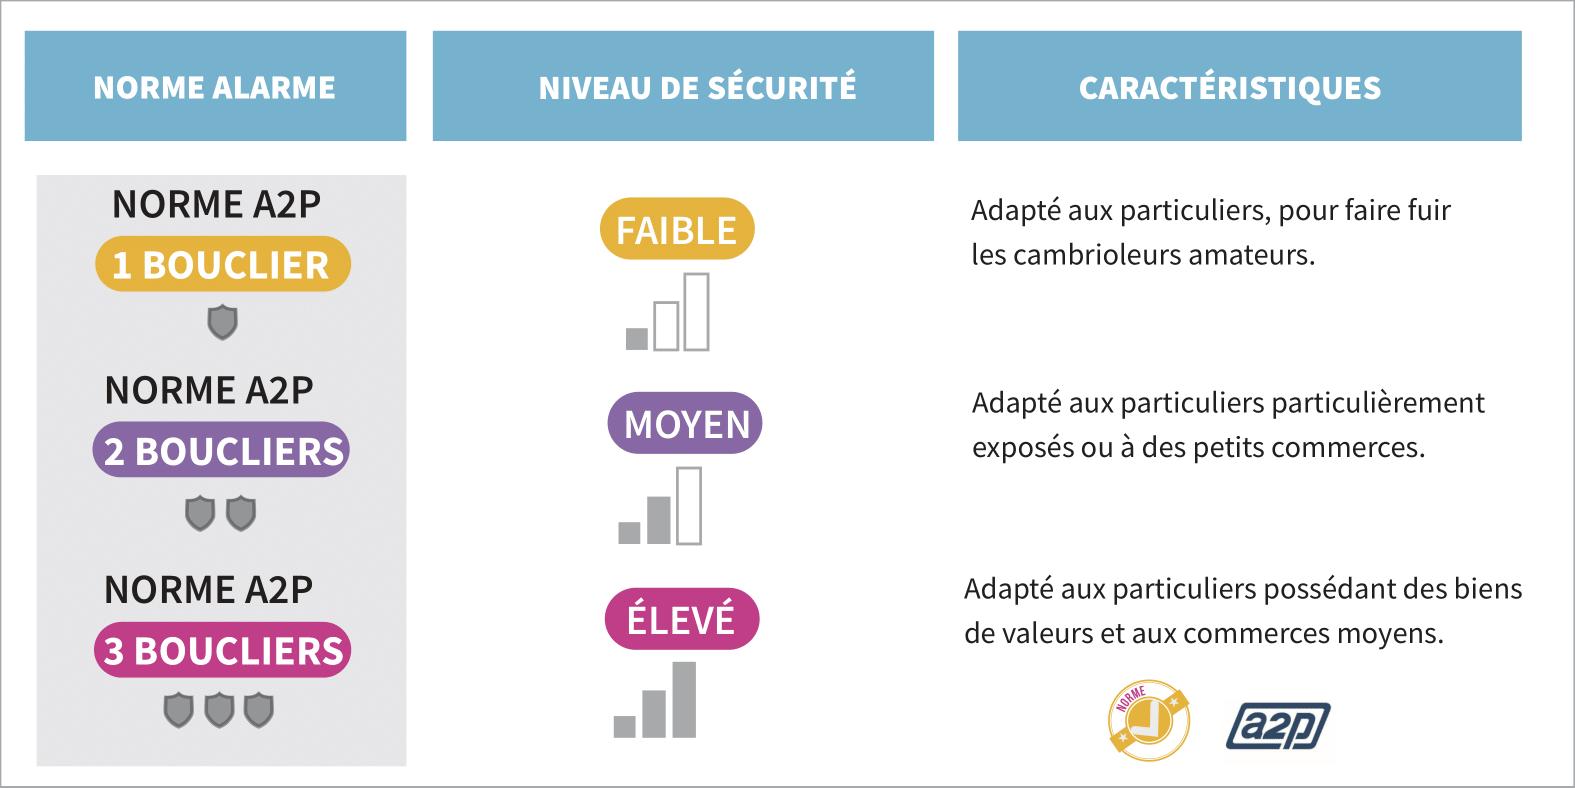 Infographie certifications bouclier apsad